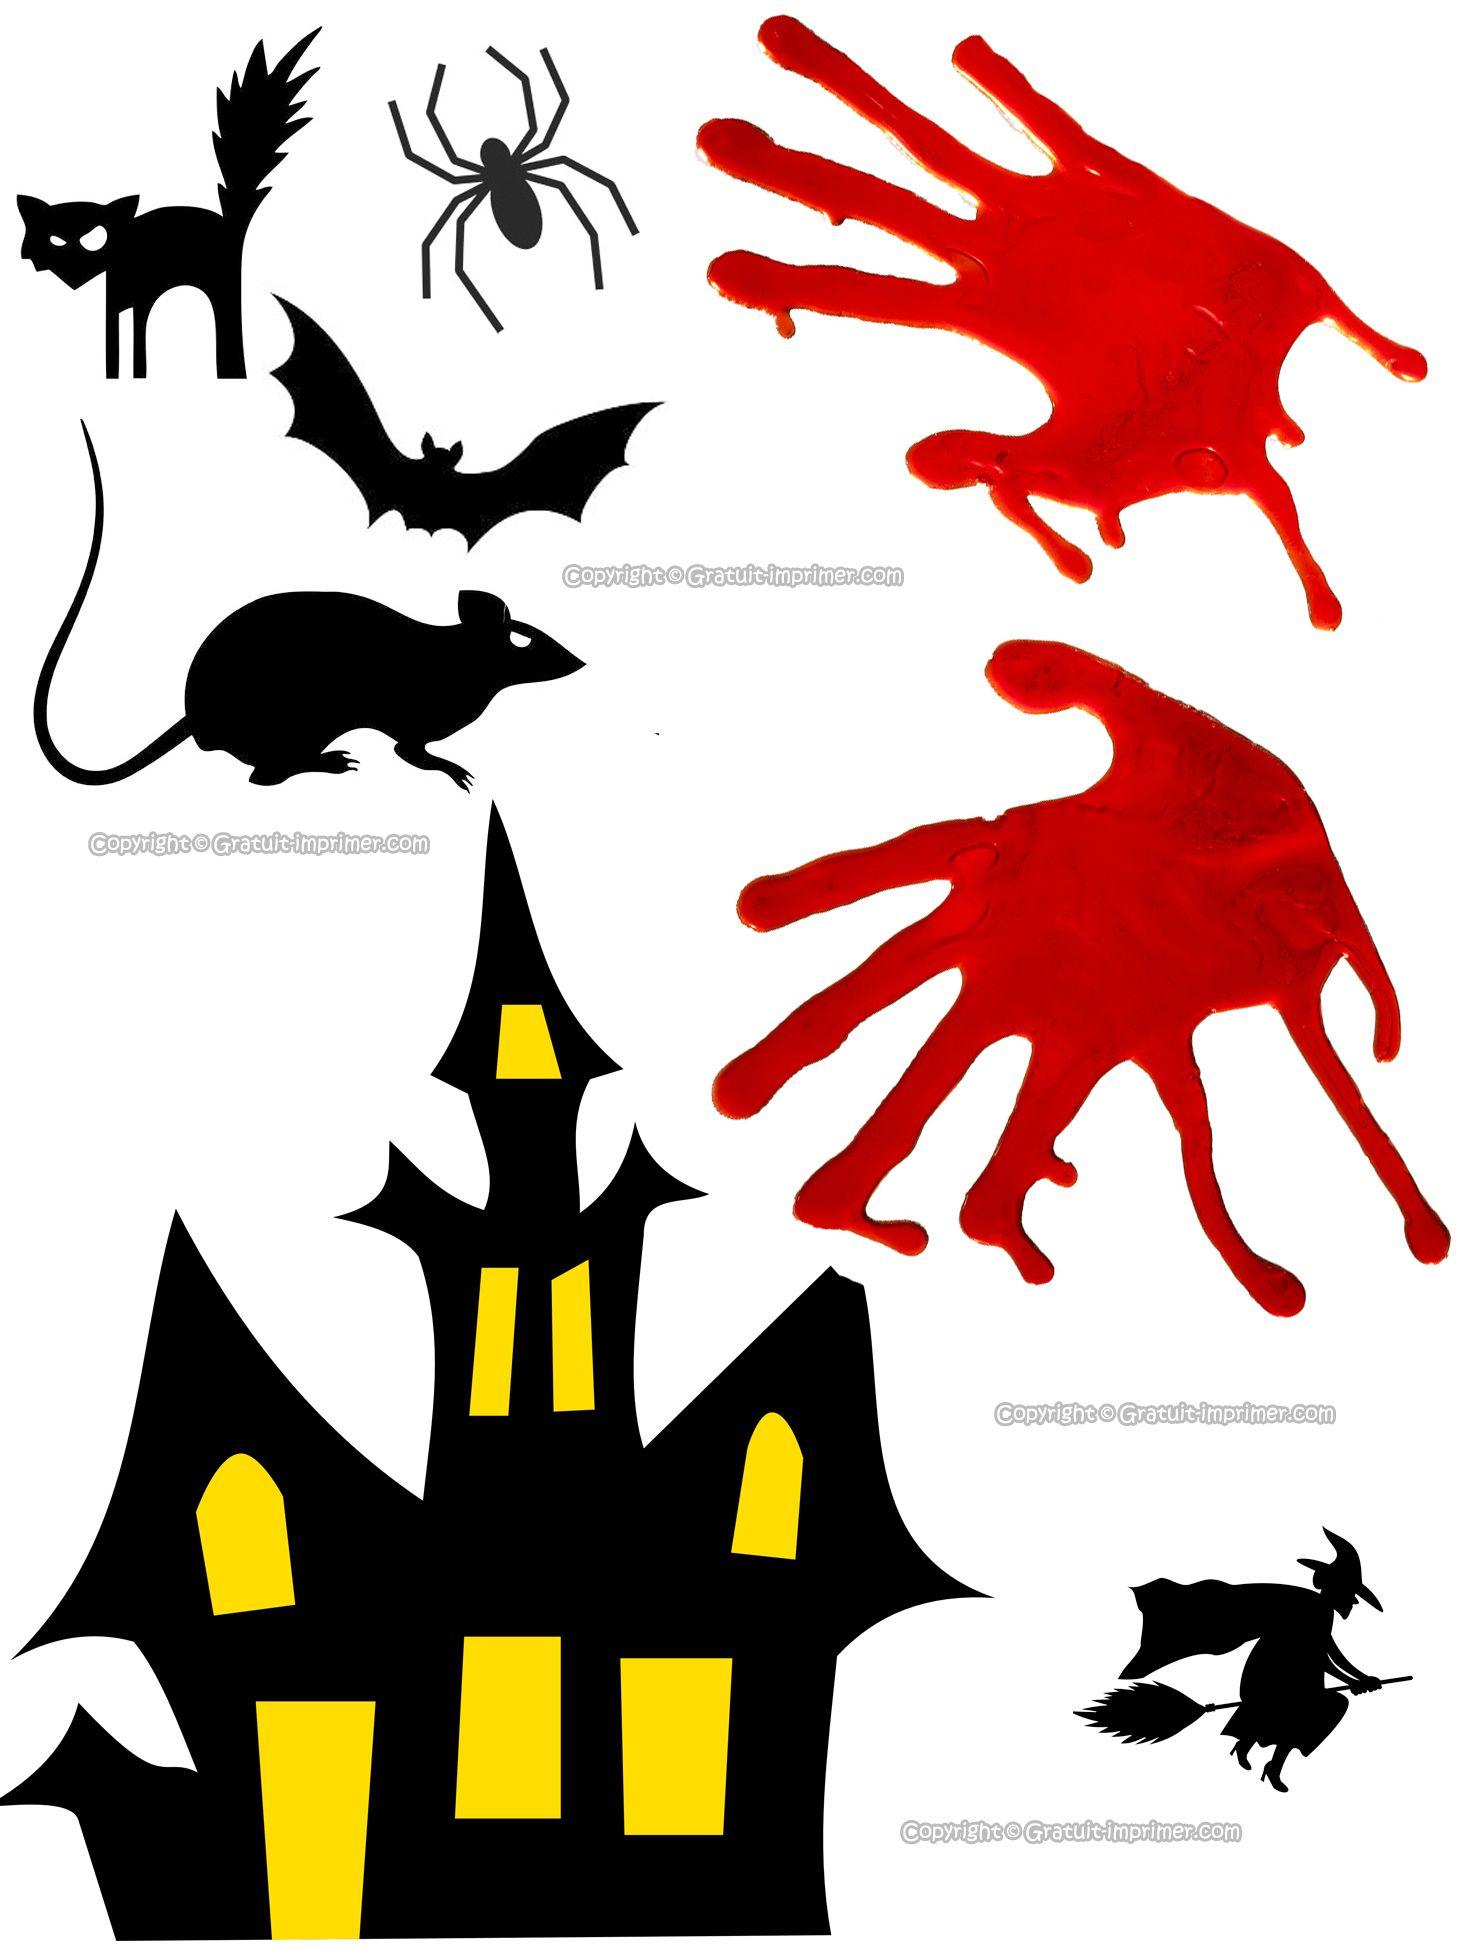 Découpage Halloween Gratuit : Maison Hantée, Rat, Chauve pour Découpage Gratuit À Imprimer